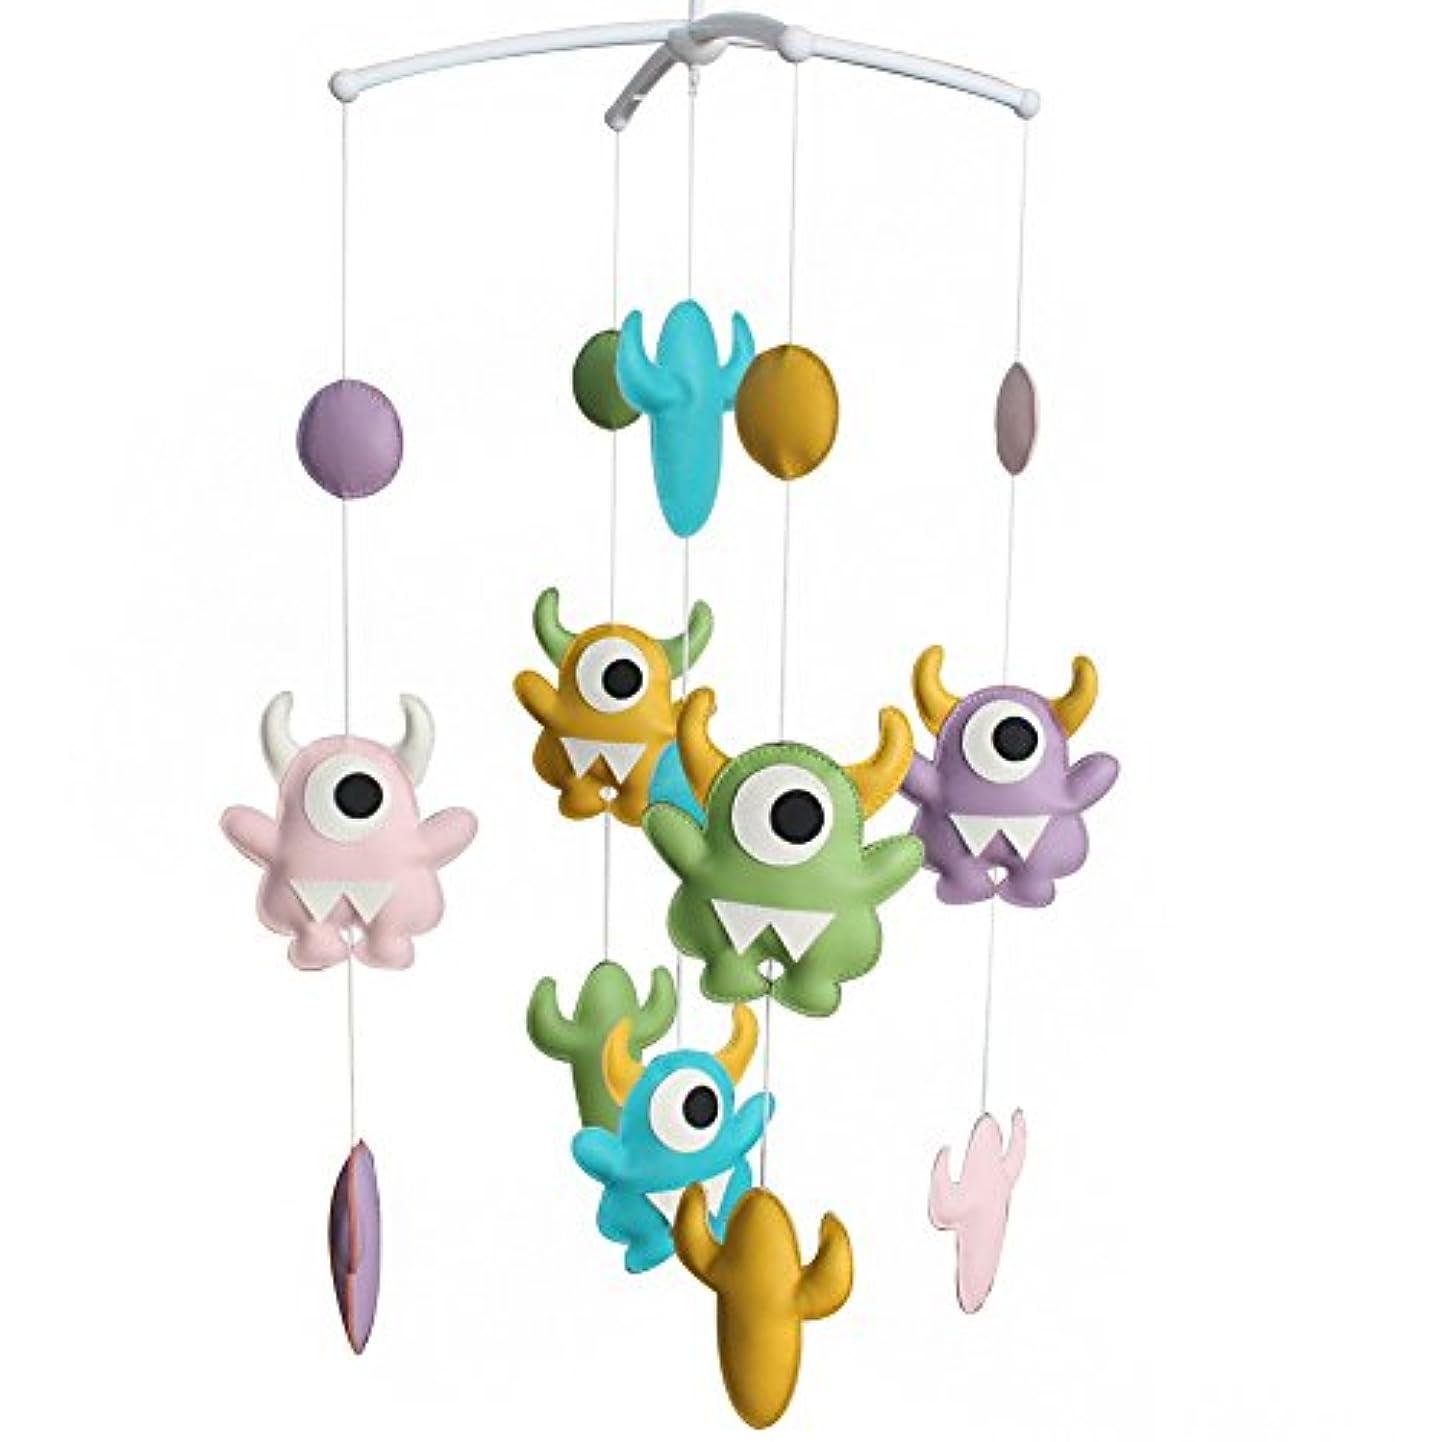 かりて眠り微生物ベッドベルベビーベッドモバイル子守歌ミュージカルモバイルベビーベッド教育玩具新生児保育園の装飾赤ちゃんのおもちゃ-D06